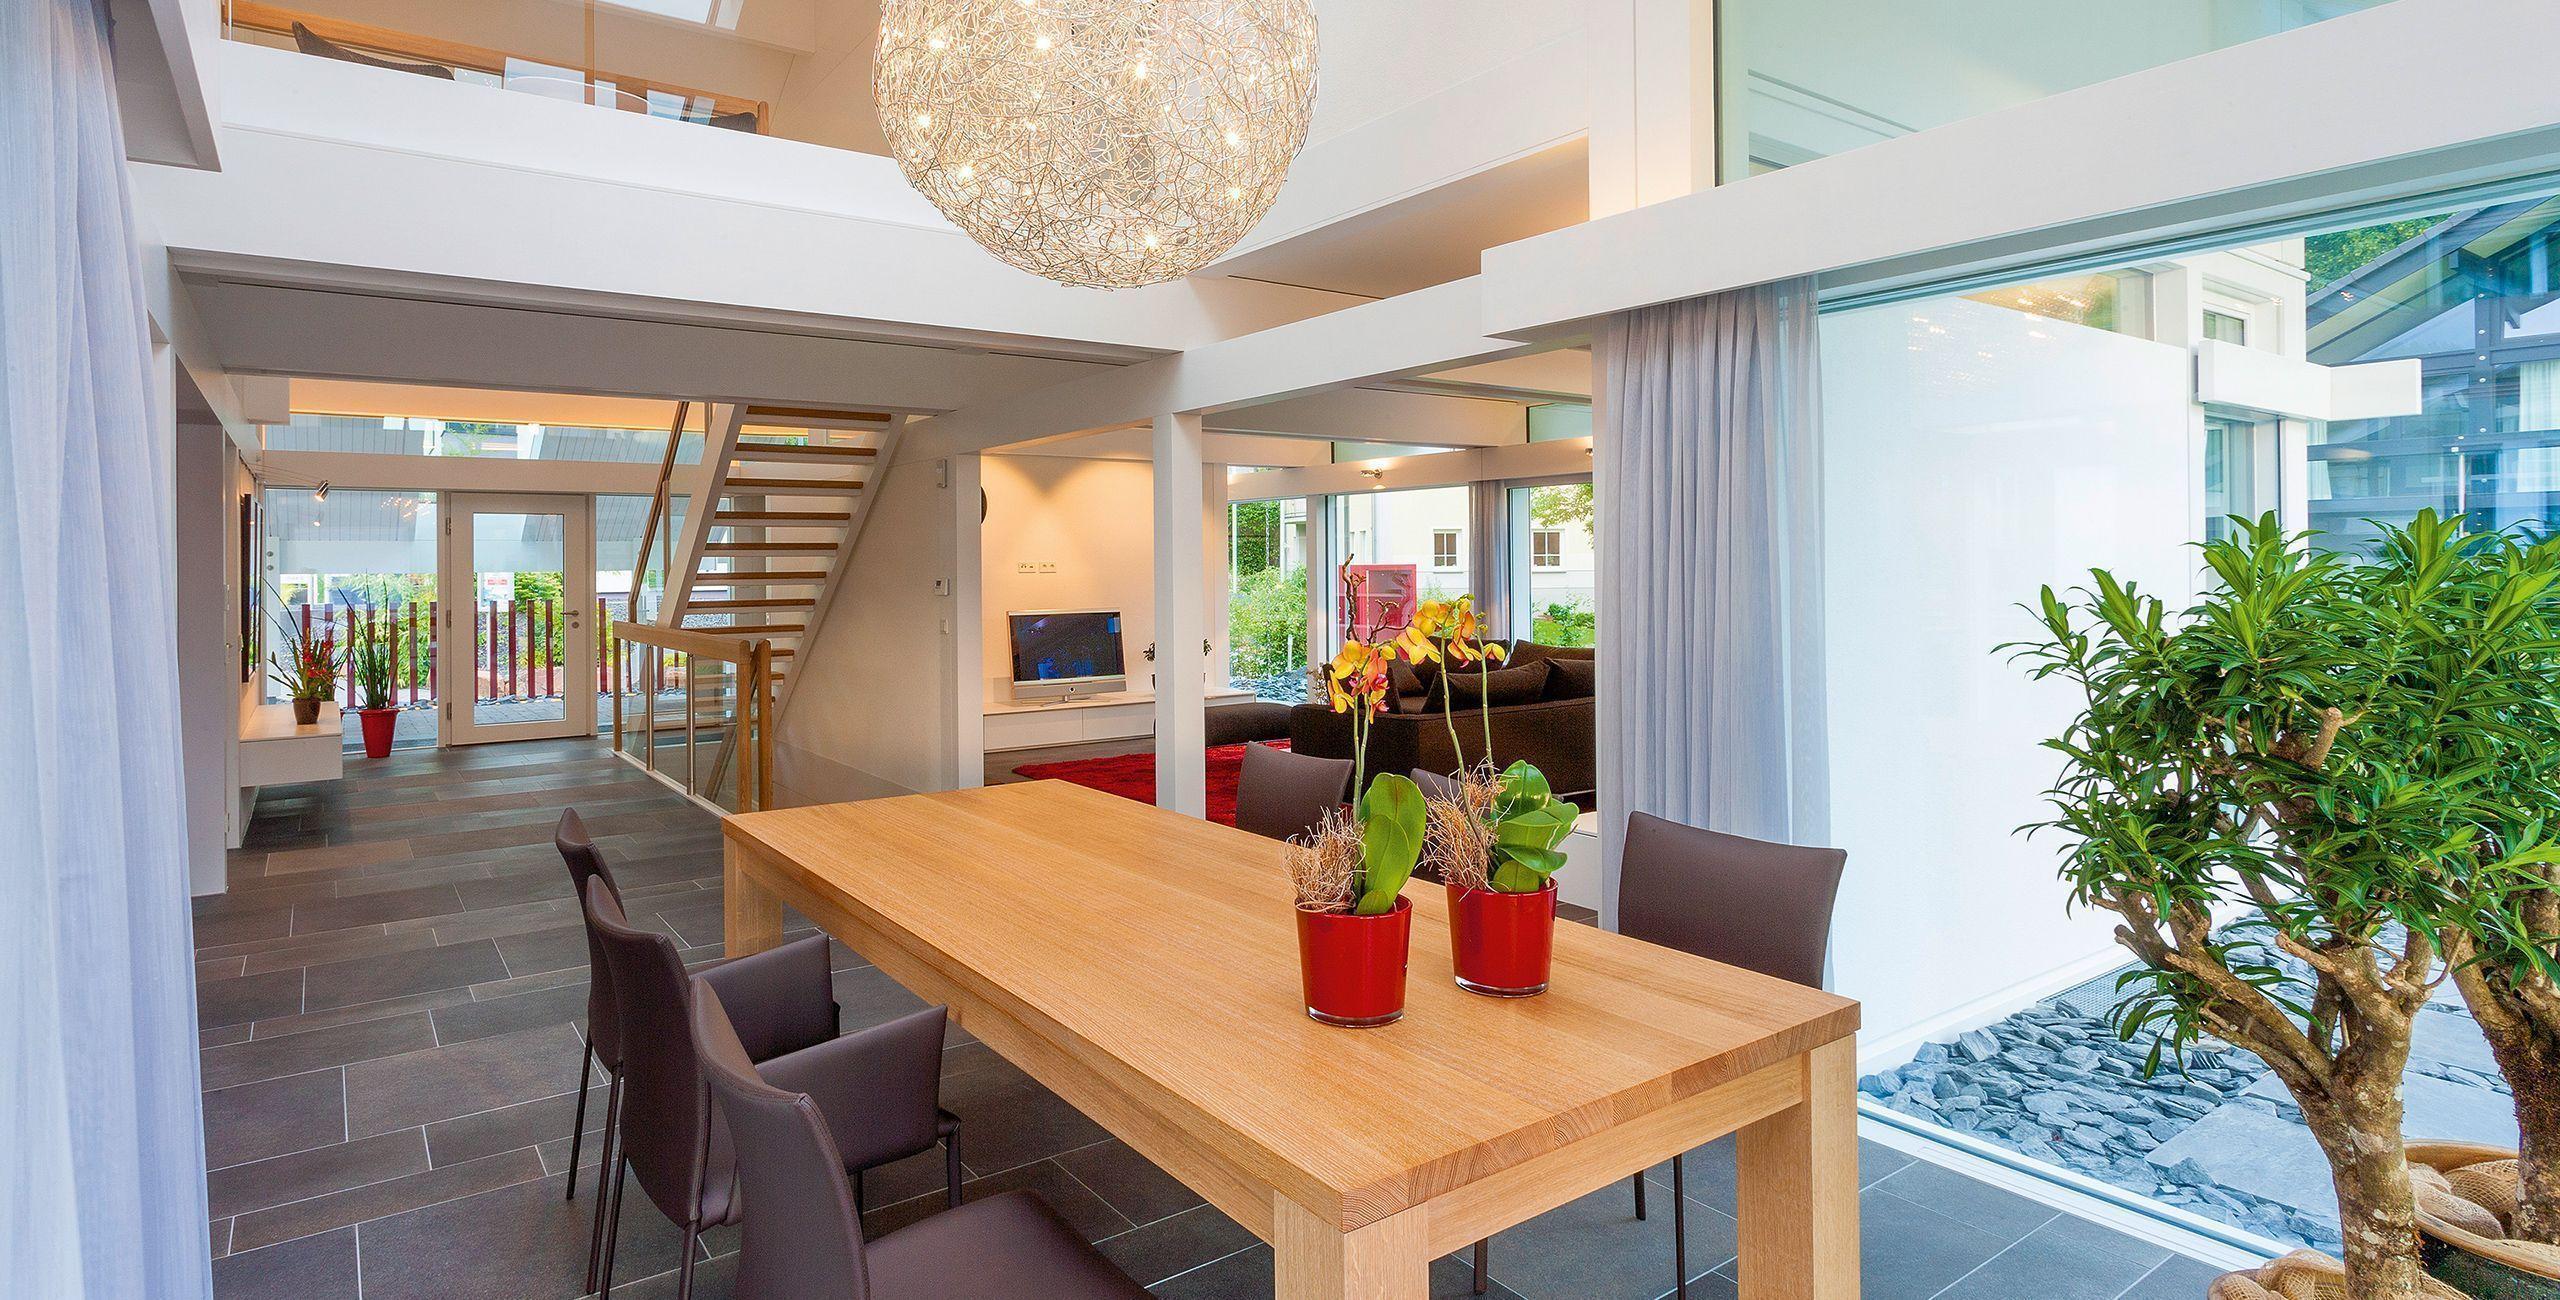 musterhauspark frankfurt fertighaus von huf haus schl sselfertig bauen huf haus. Black Bedroom Furniture Sets. Home Design Ideas